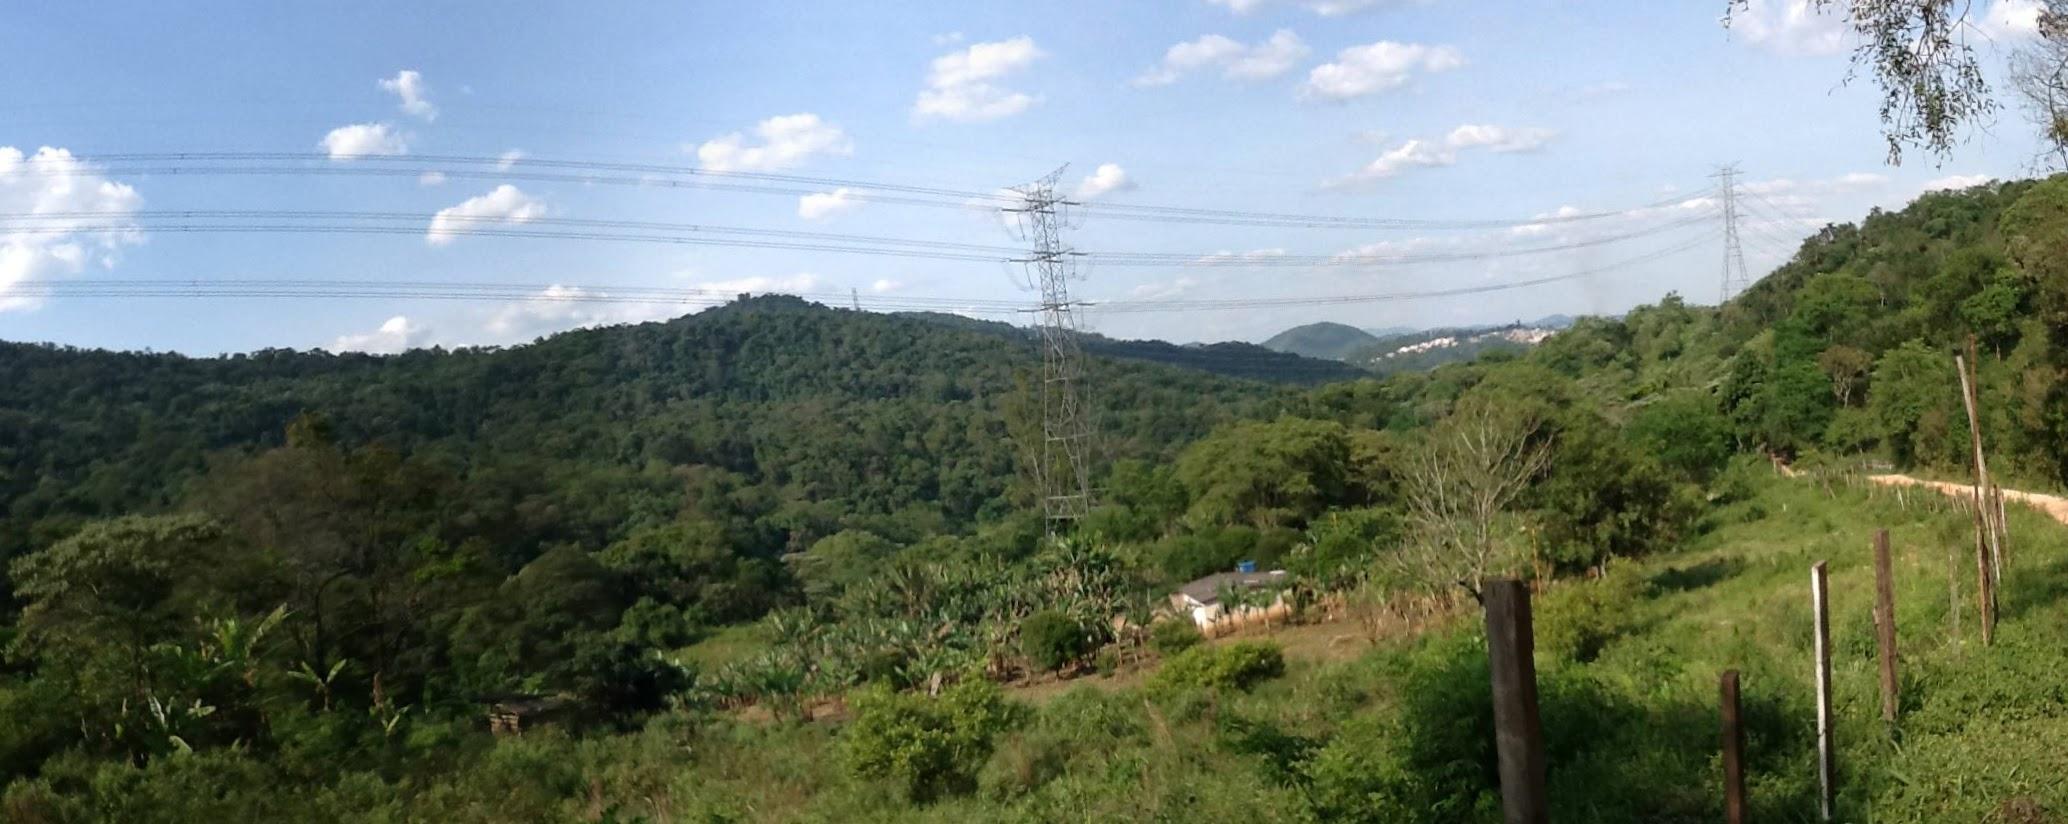 Foto: Conceição Aparecida Santos, 03/11/13!, Fazenda Santa Maria, antes do início das obras do Trecho Norte do Rodoanel